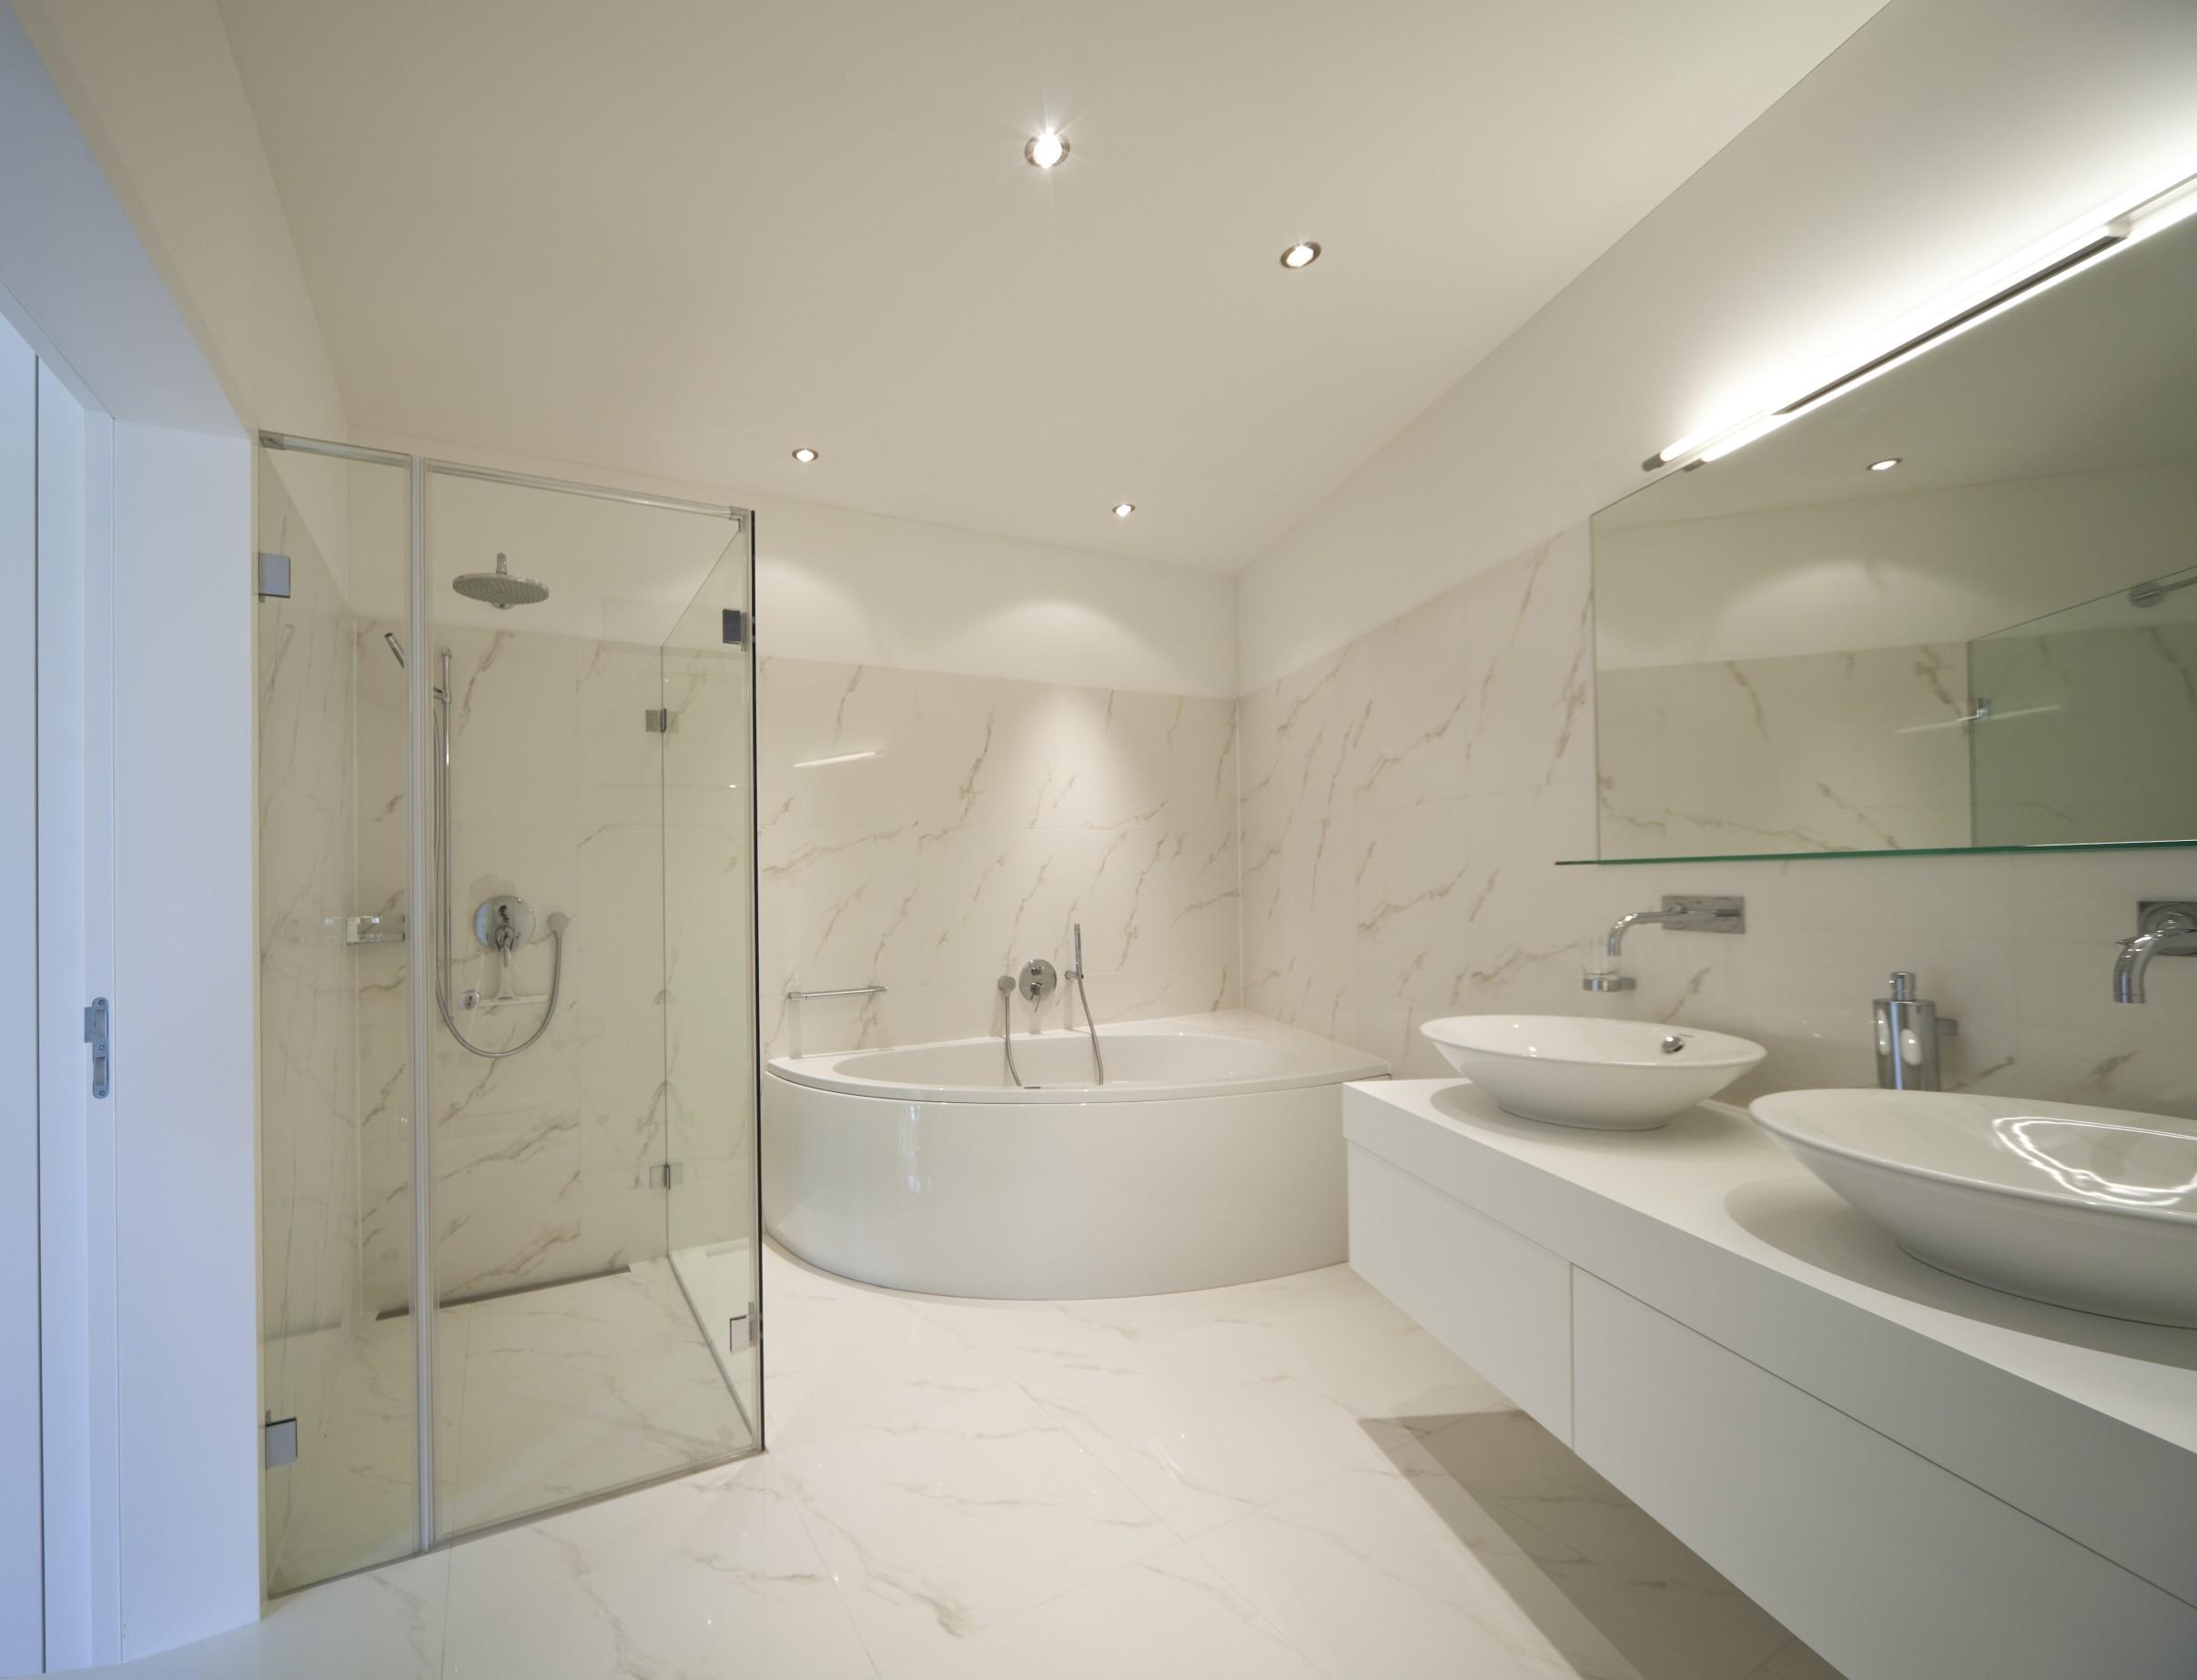 Ανακαίνιση μπάνιου: Όλα όσα πρέπει να γνωρίζετε